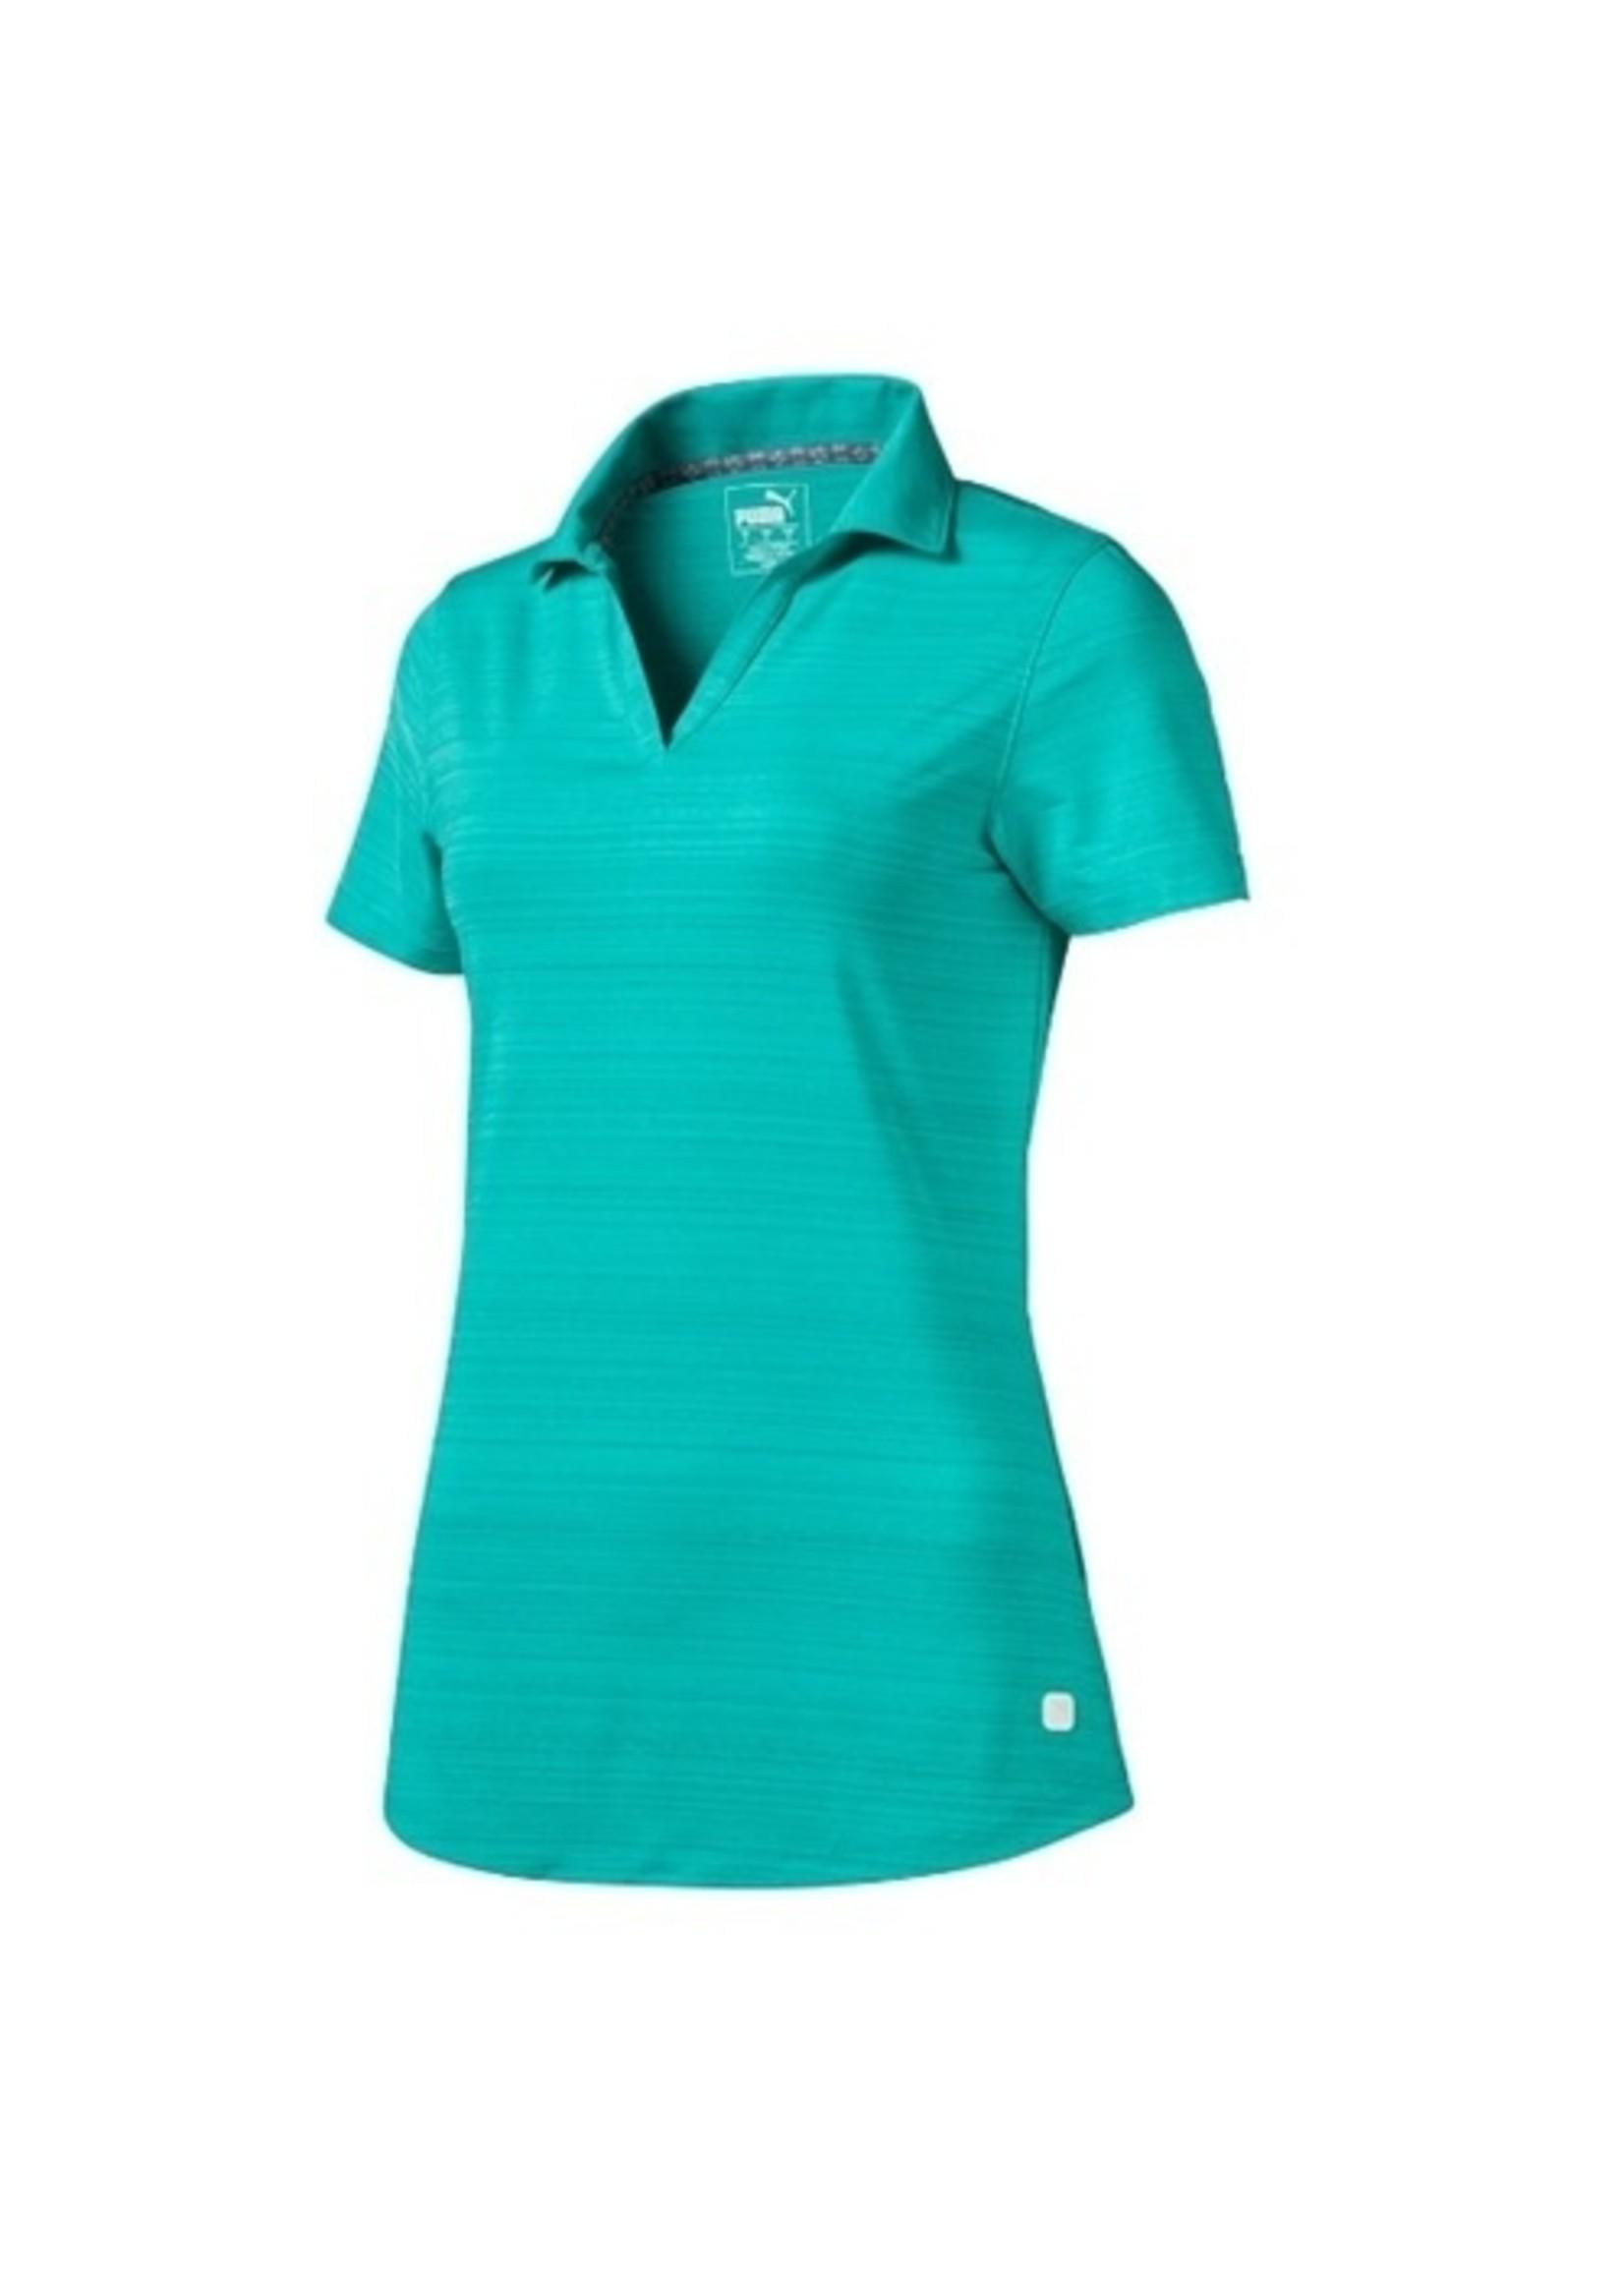 PUMA KINGSWELL GLEN Coastal Polo Golf Shirt Womens